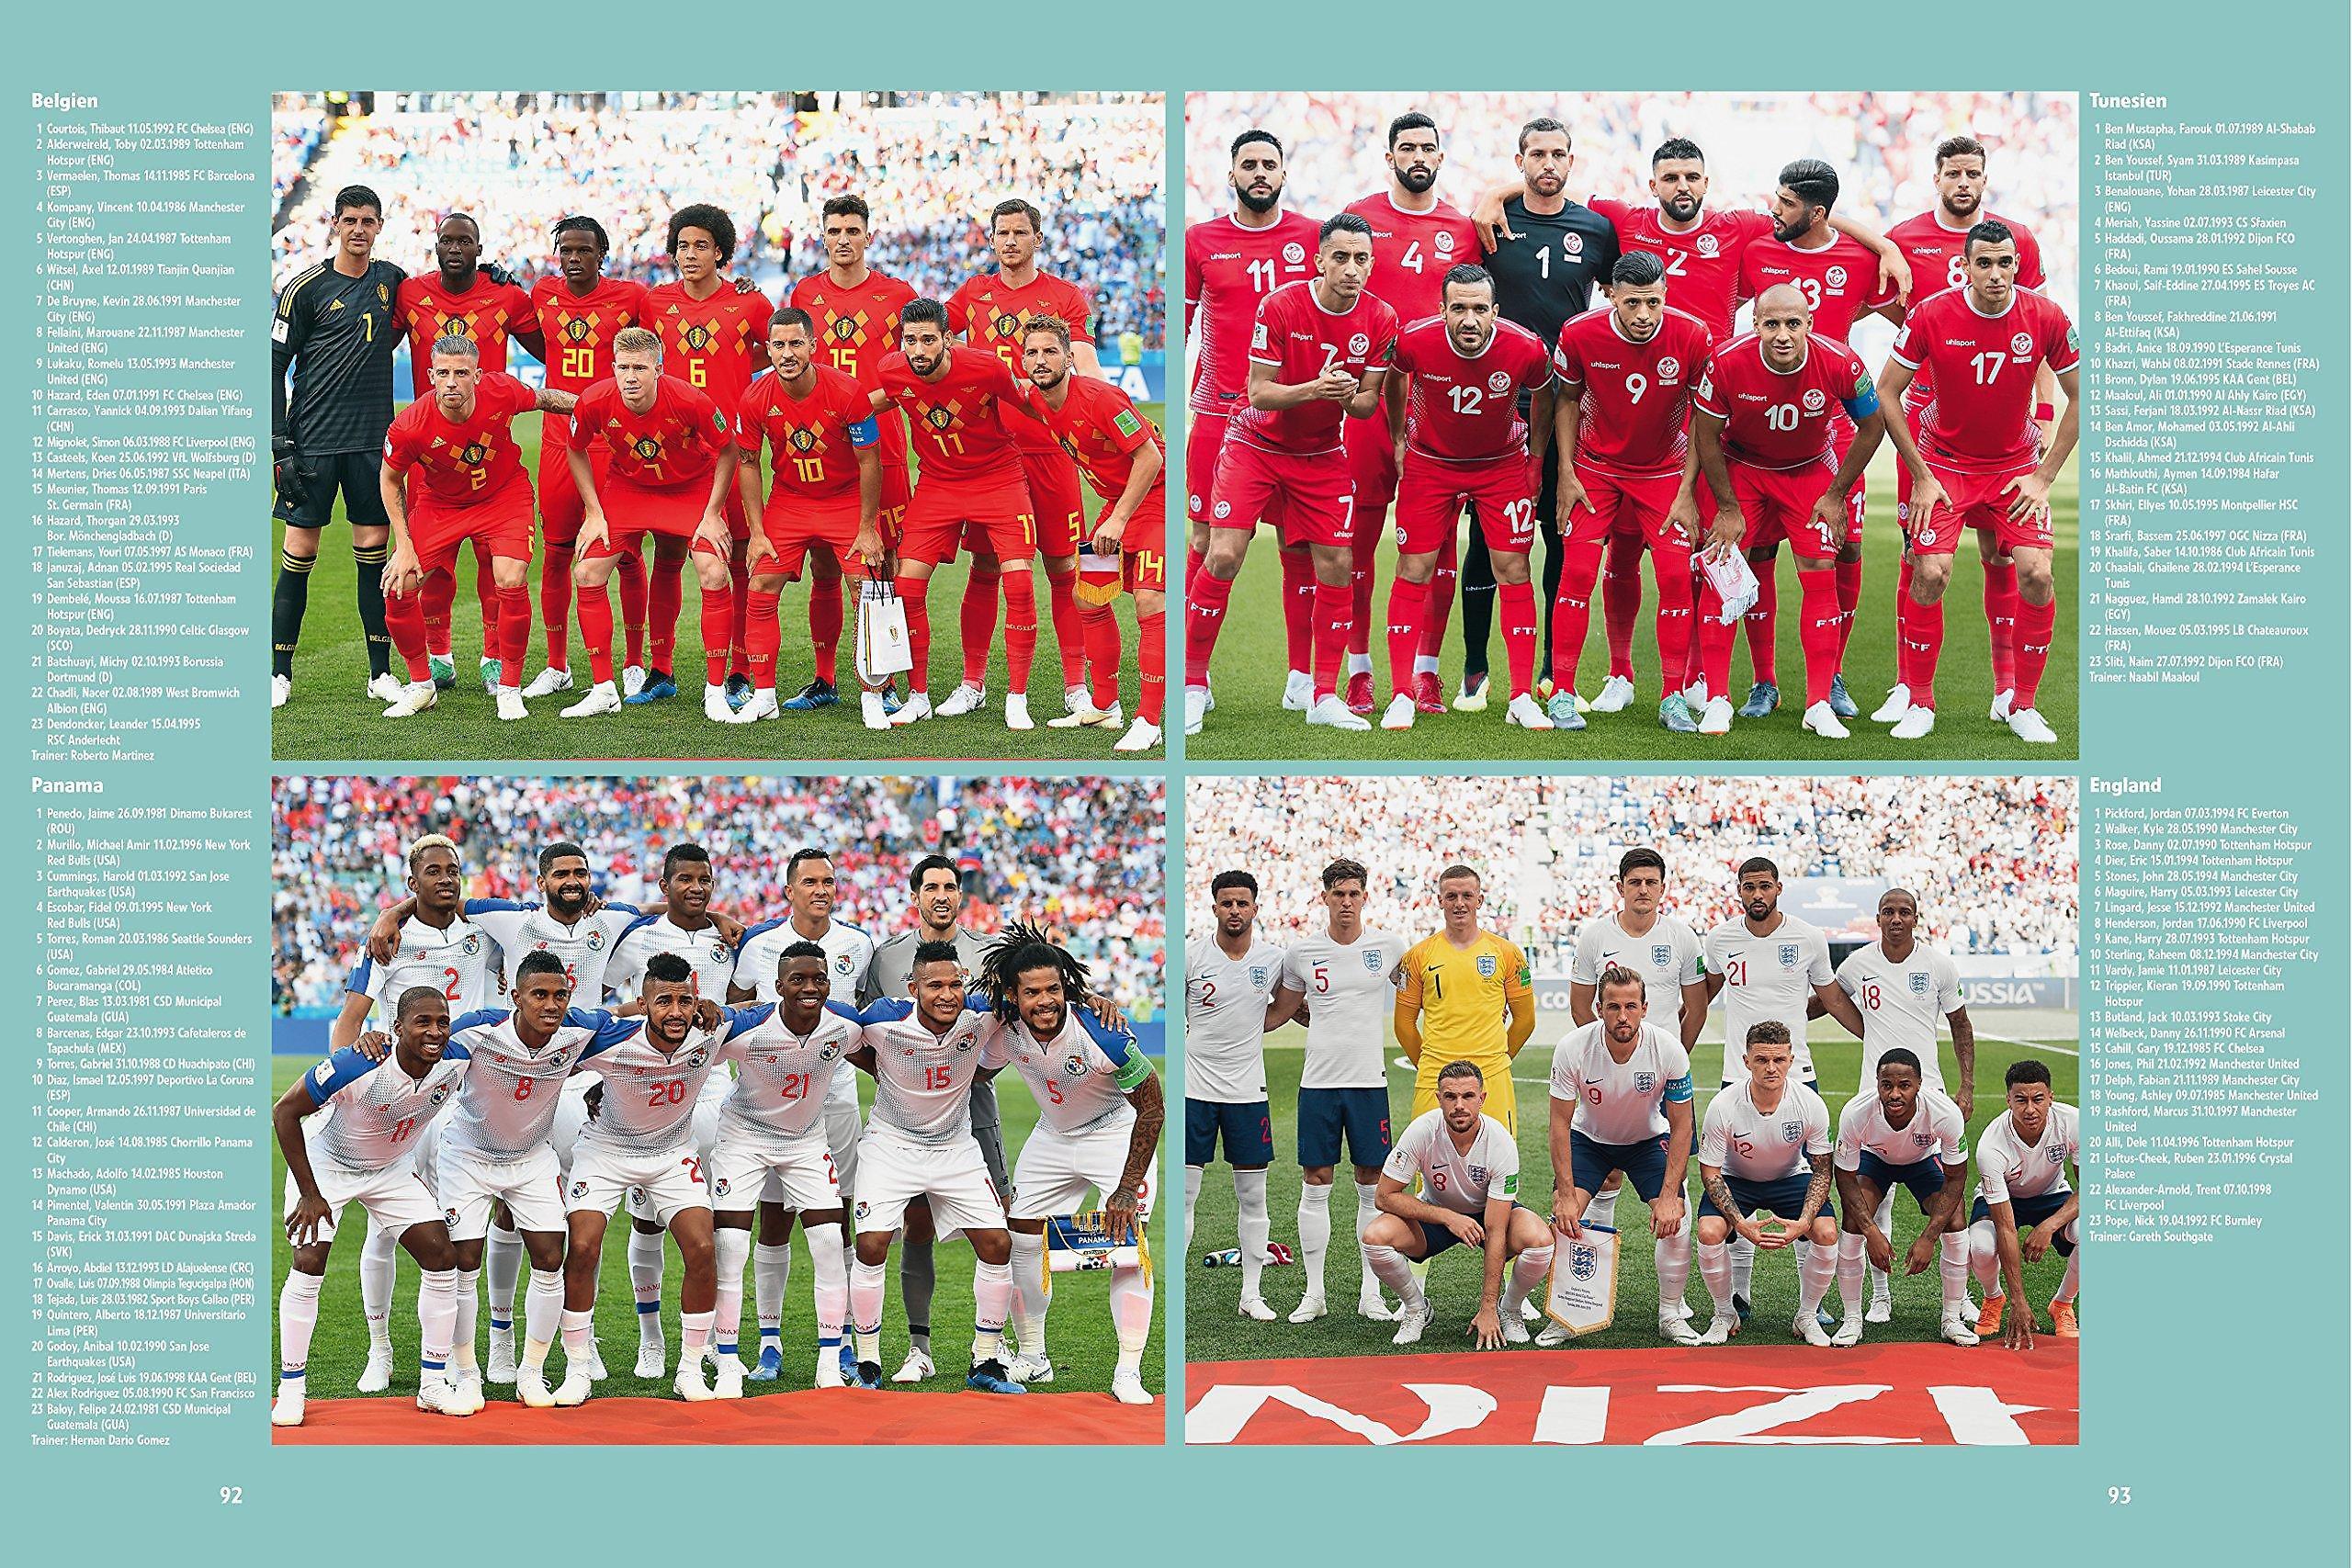 Fussball Weltmeisterschaft Russland 2018 Buch